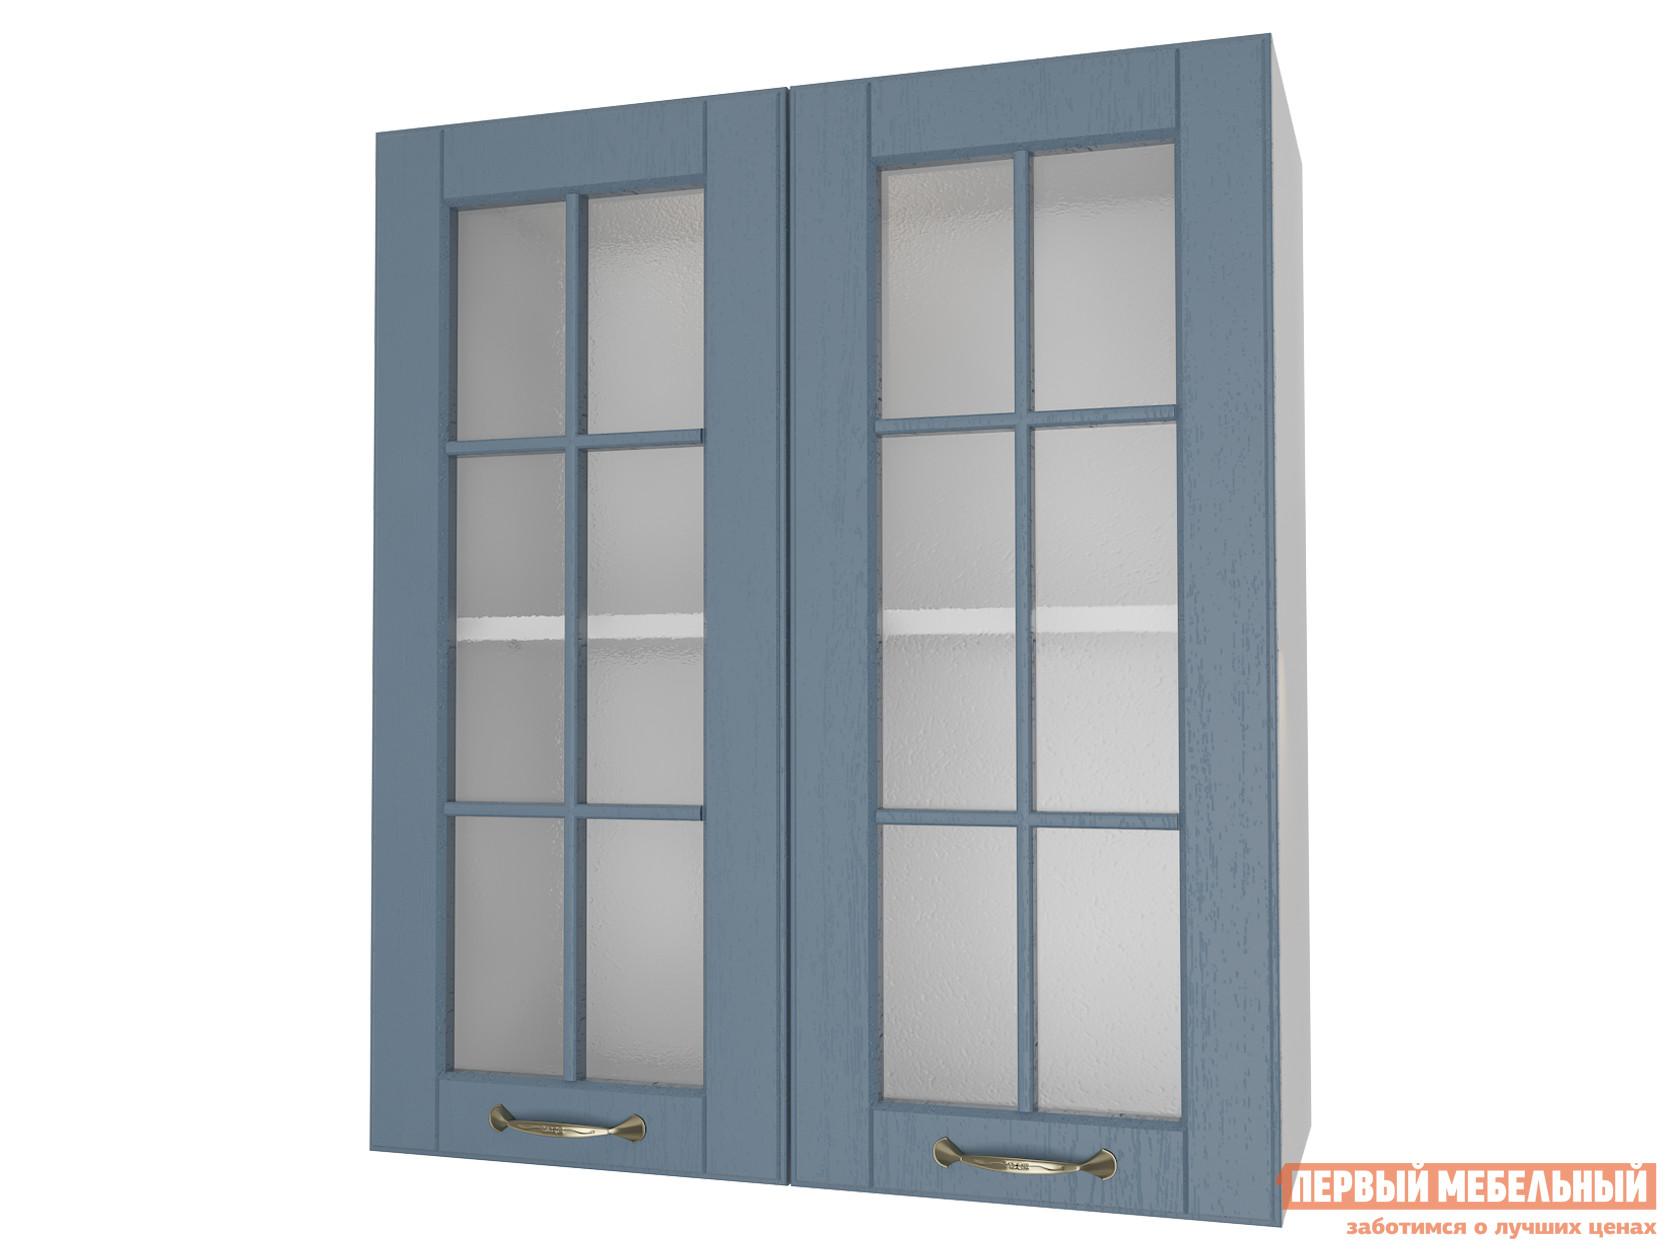 Кухонный модуль Первый Мебельный Шкаф 2 двери со стеклом 60 см Палермо